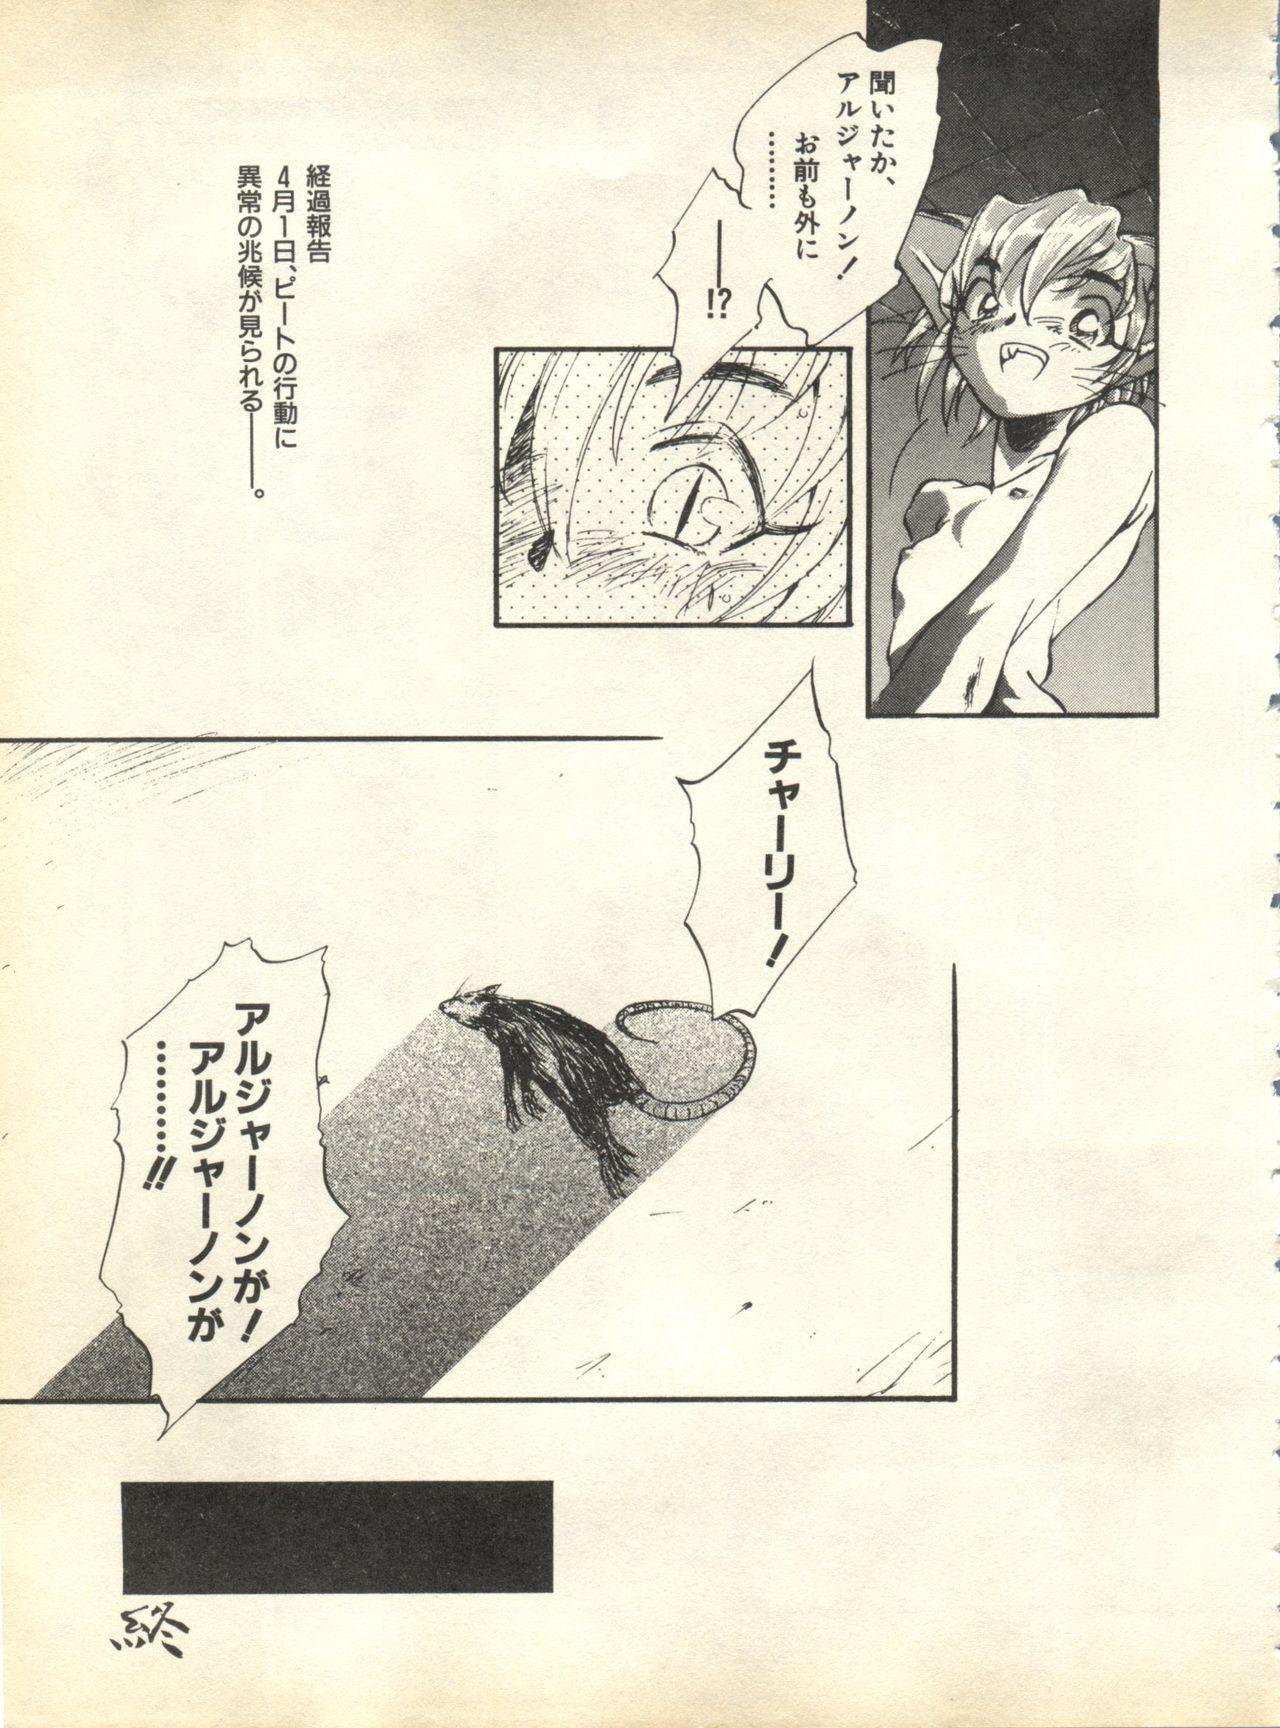 Pai;kuu 1998 October Vol. 13 200